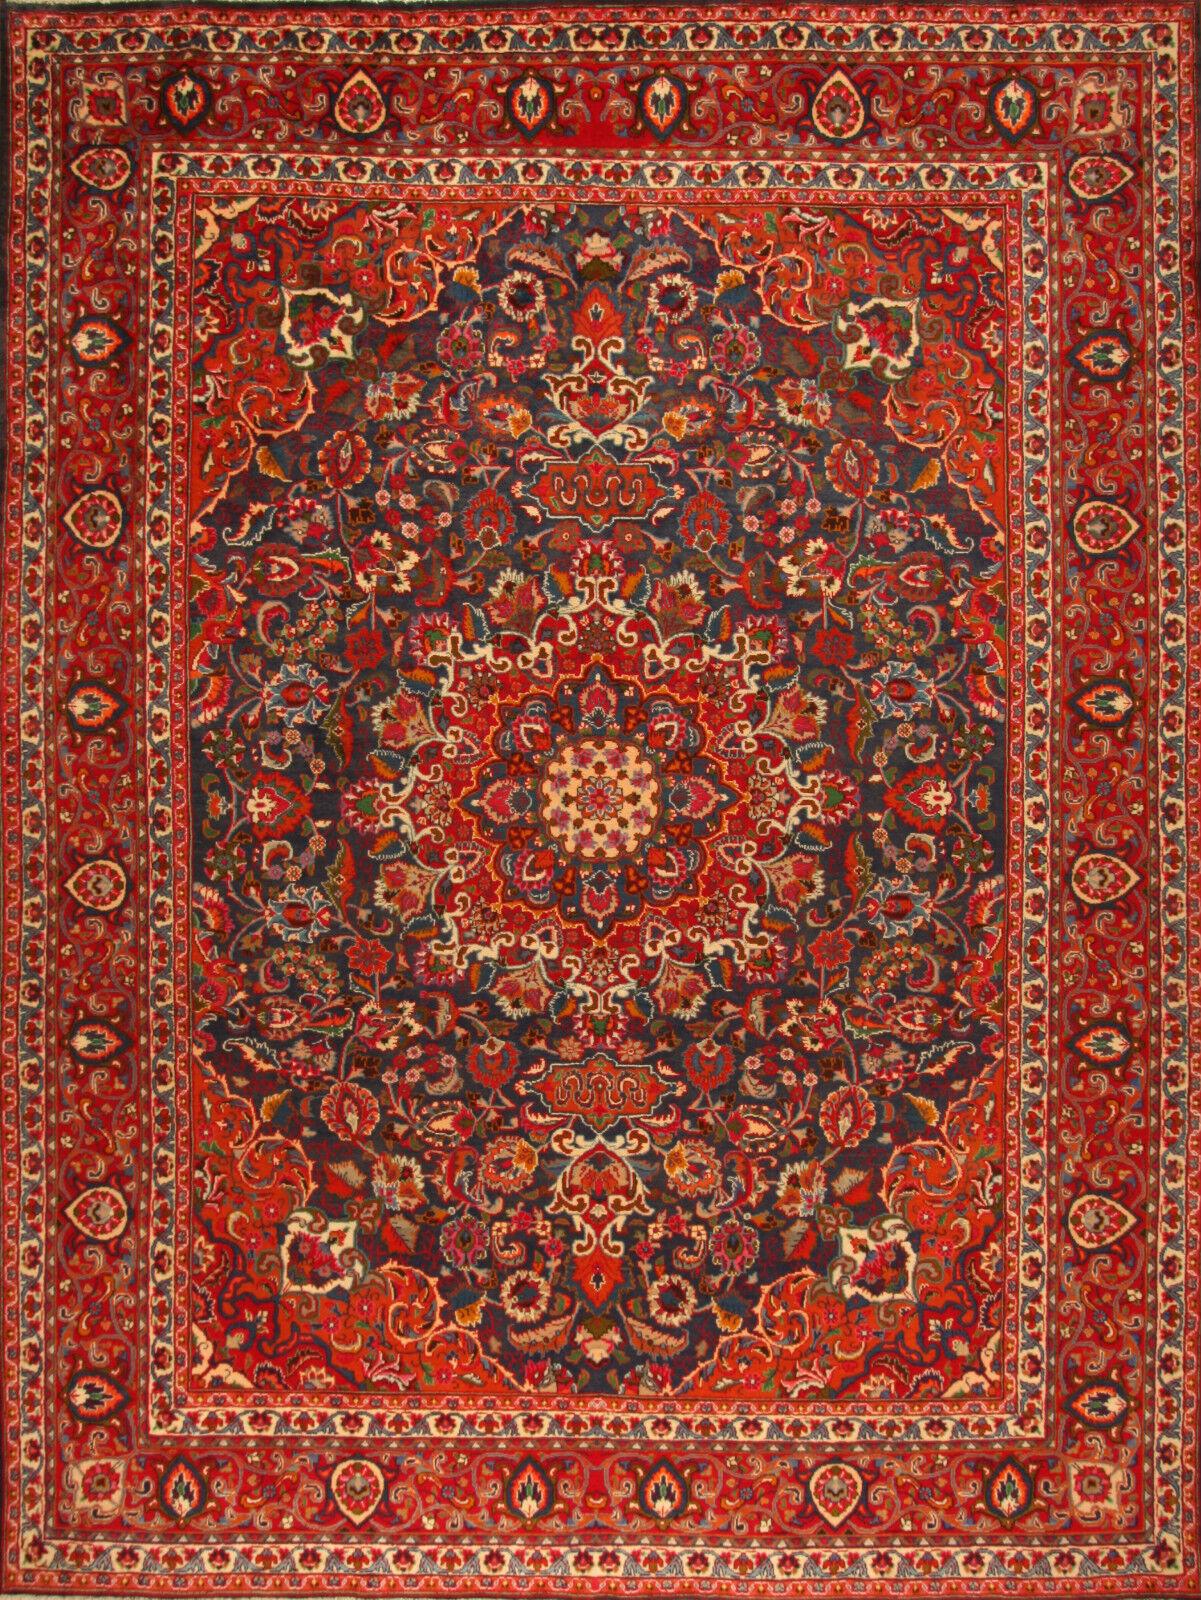 TAPPETO TAPPETO TAPPETO Orientale Vero Annodato Tapis persan (385 x 290) cm Ottimo Stato 3672 14d7cf